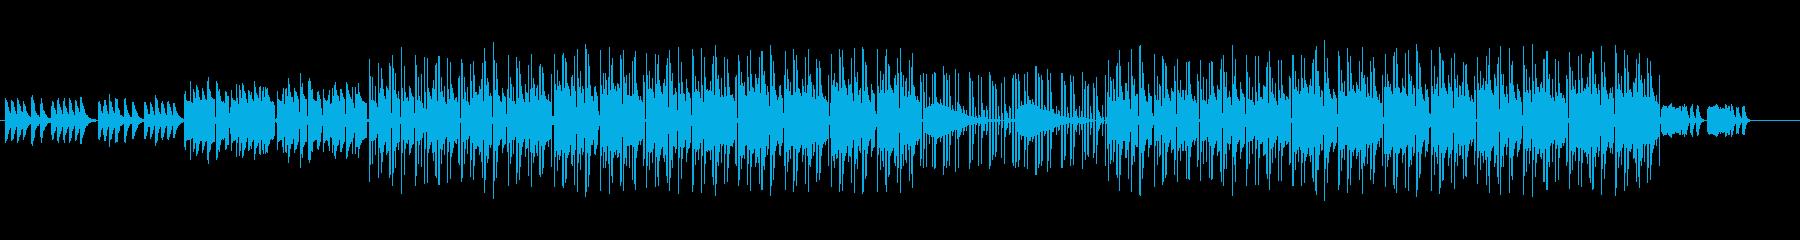 かわいい、ゆるい、コミカル-03の再生済みの波形